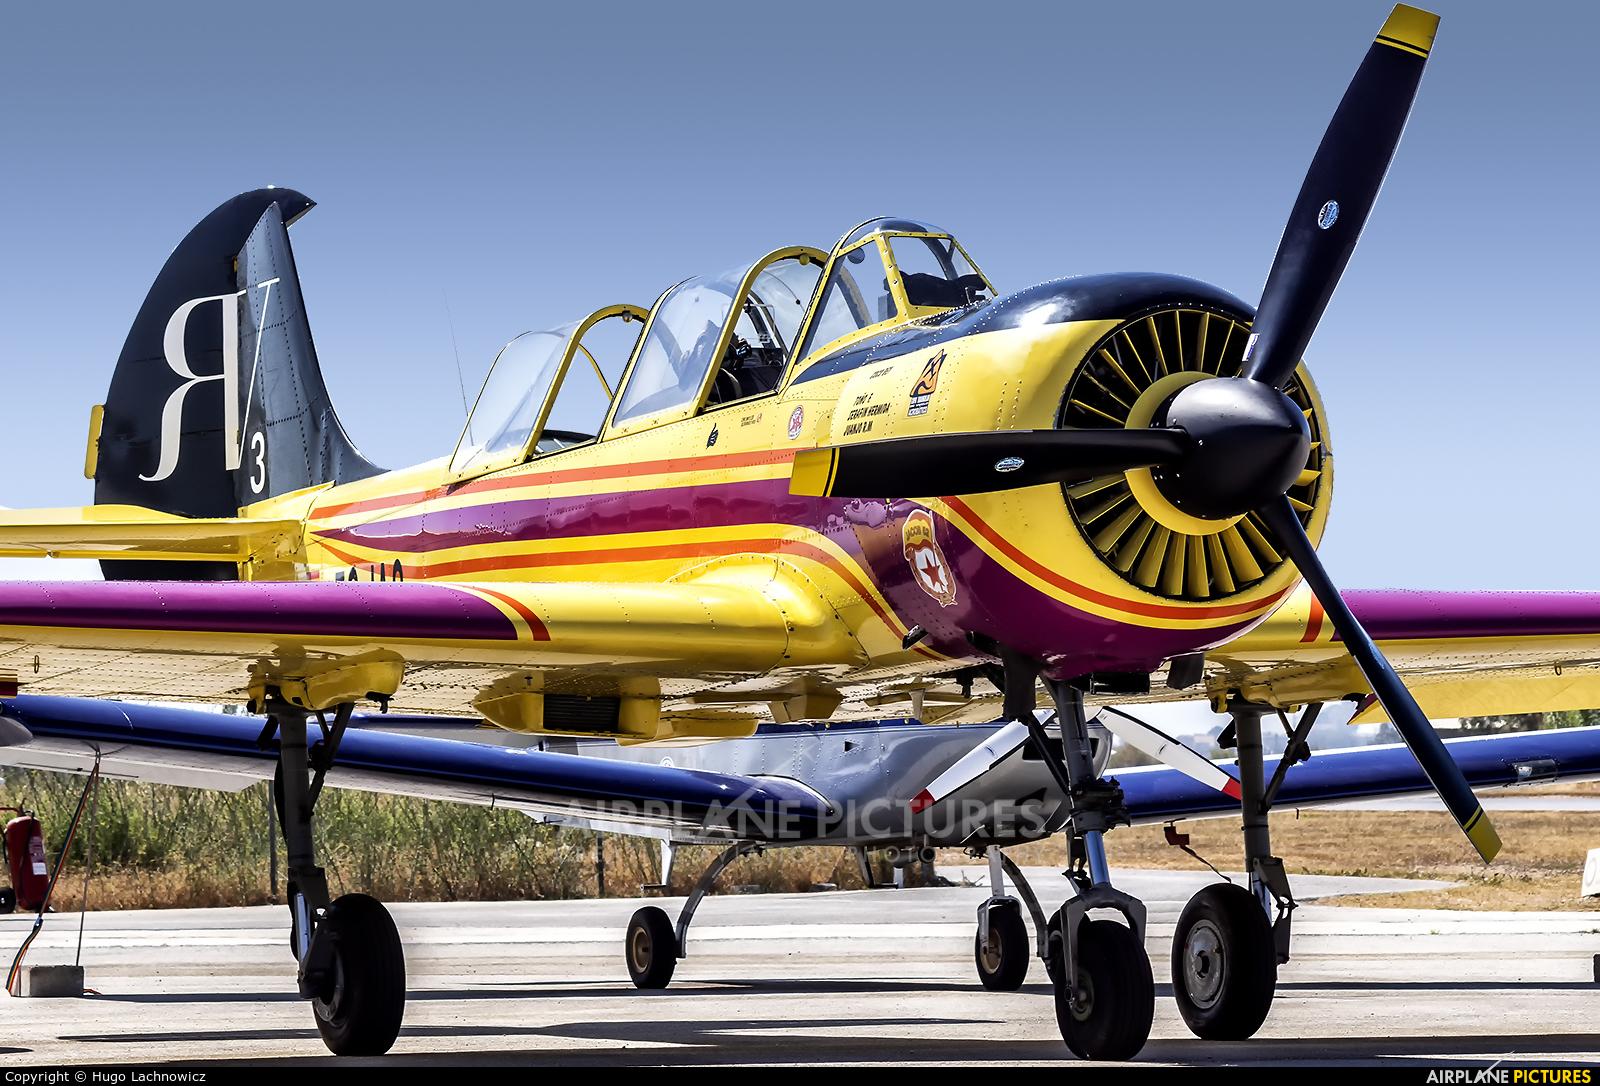 """Asociación Deportiva """"Jacob 52"""" EC-IAS aircraft at Malaga - La Axarquia"""